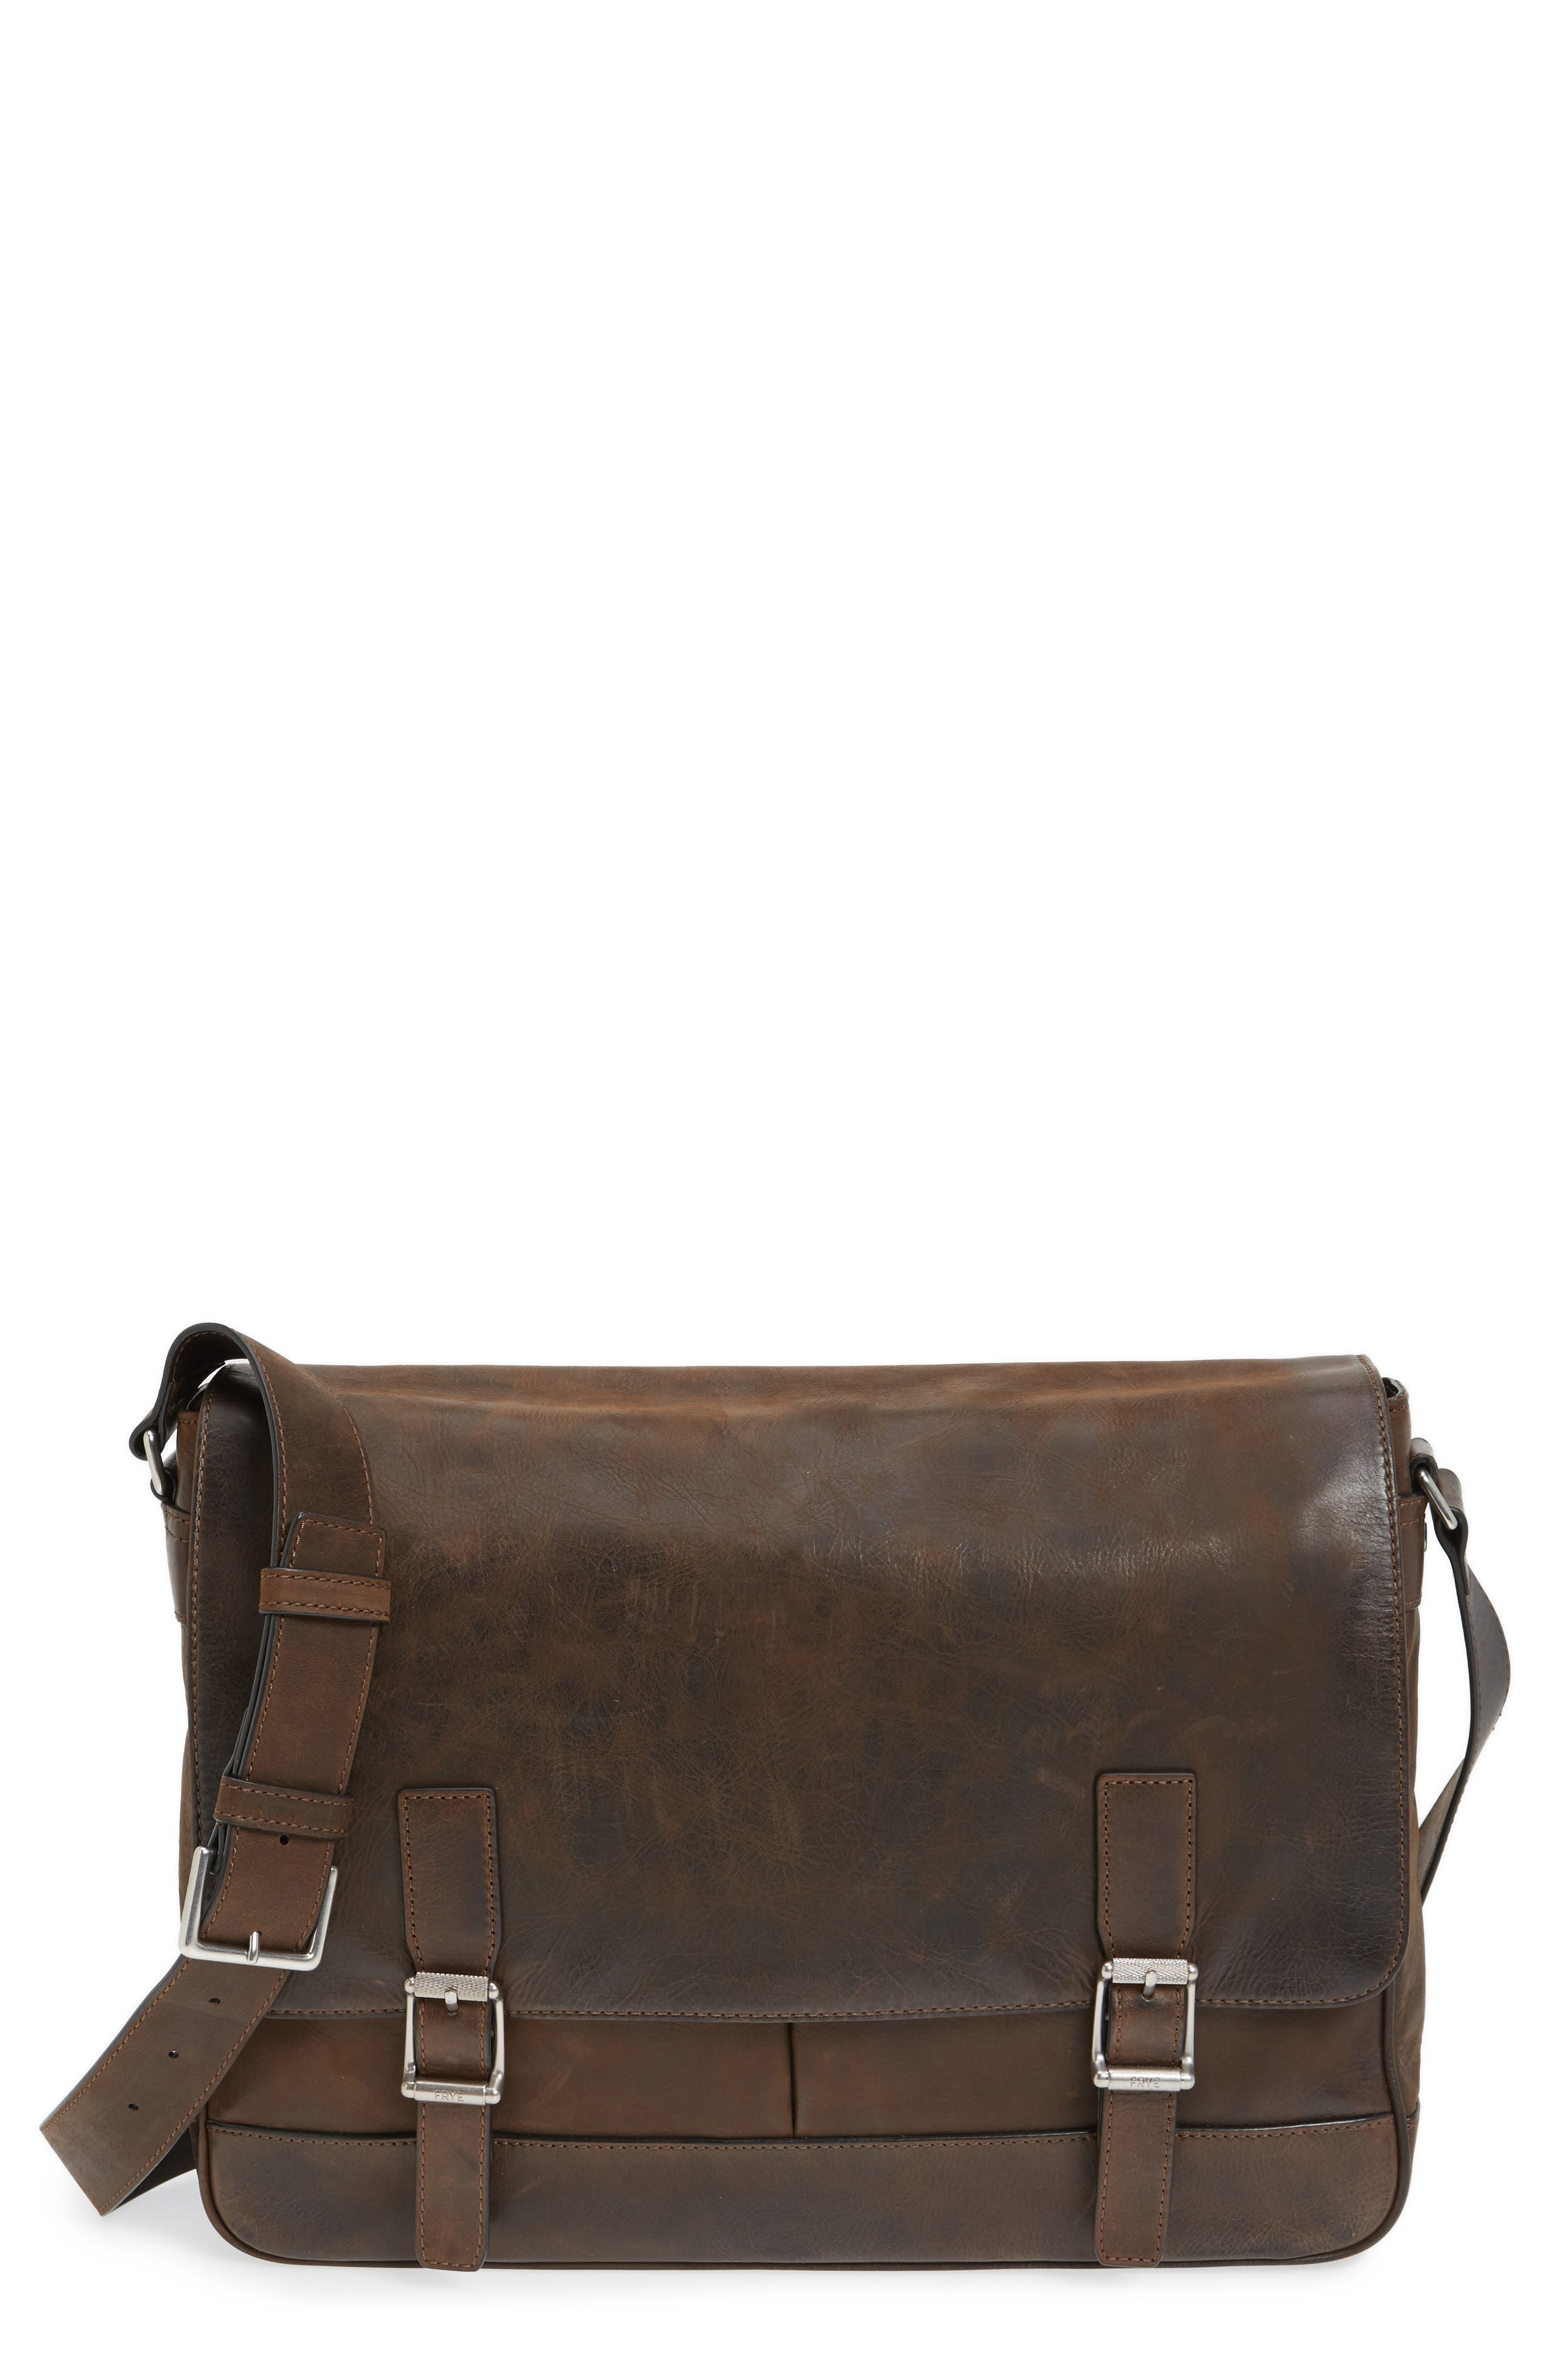 Alternate Image 1 Selected - Frye Oliver Leather Messenger Bag